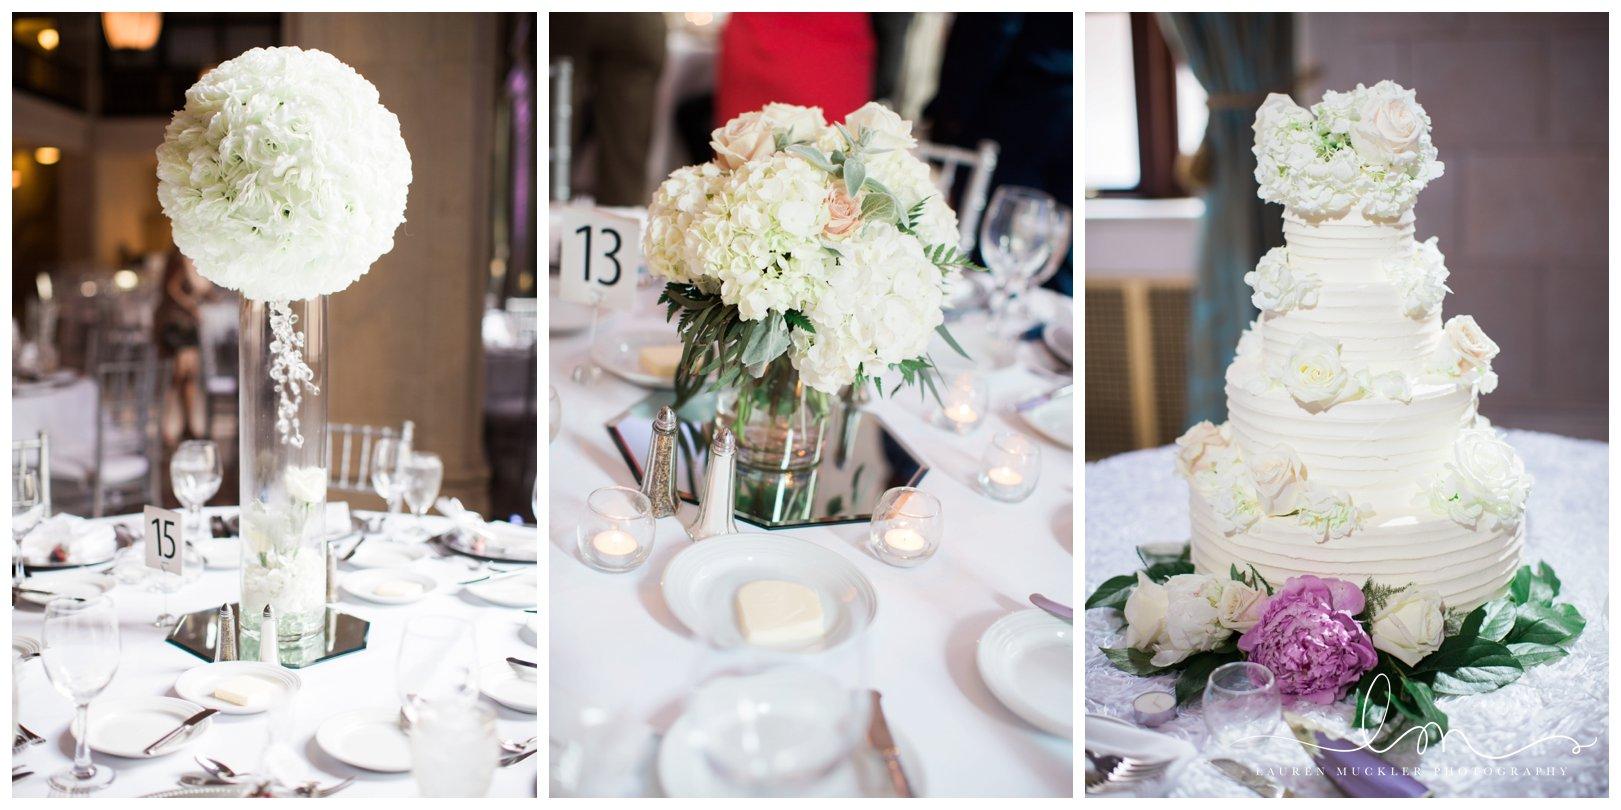 lauren muckler photography_fine art film wedding photography_st louis_photography_0270.jpg